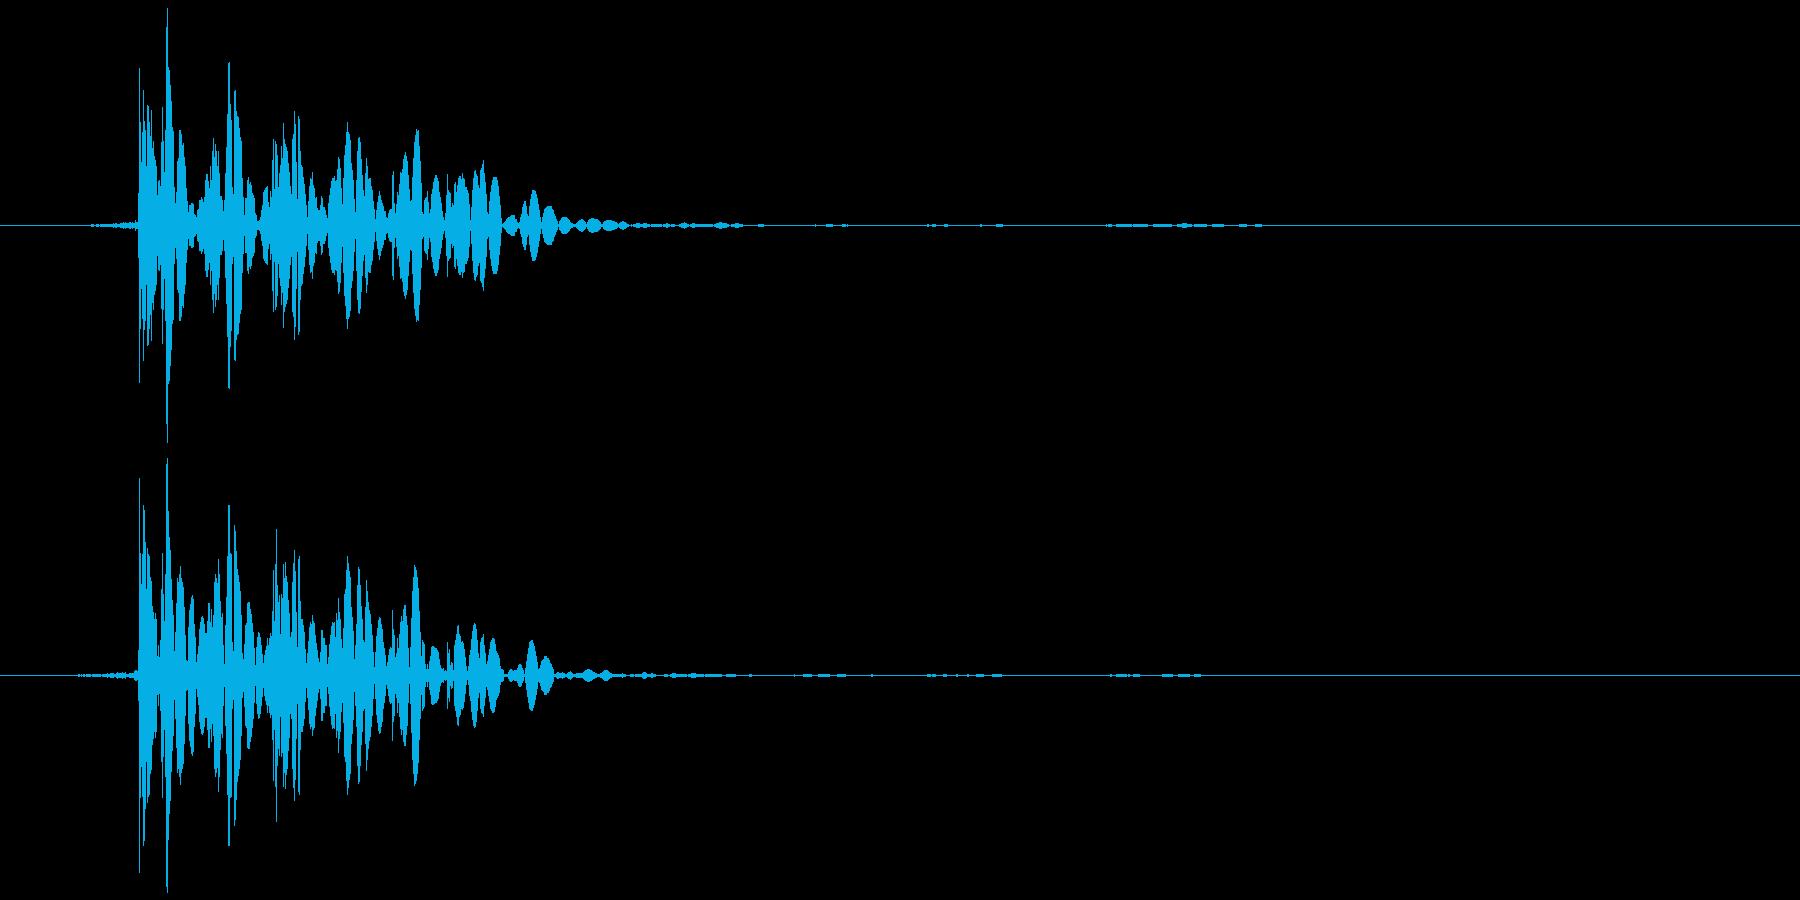 おなら、屁 (低く、とても短い) ブゥッの再生済みの波形